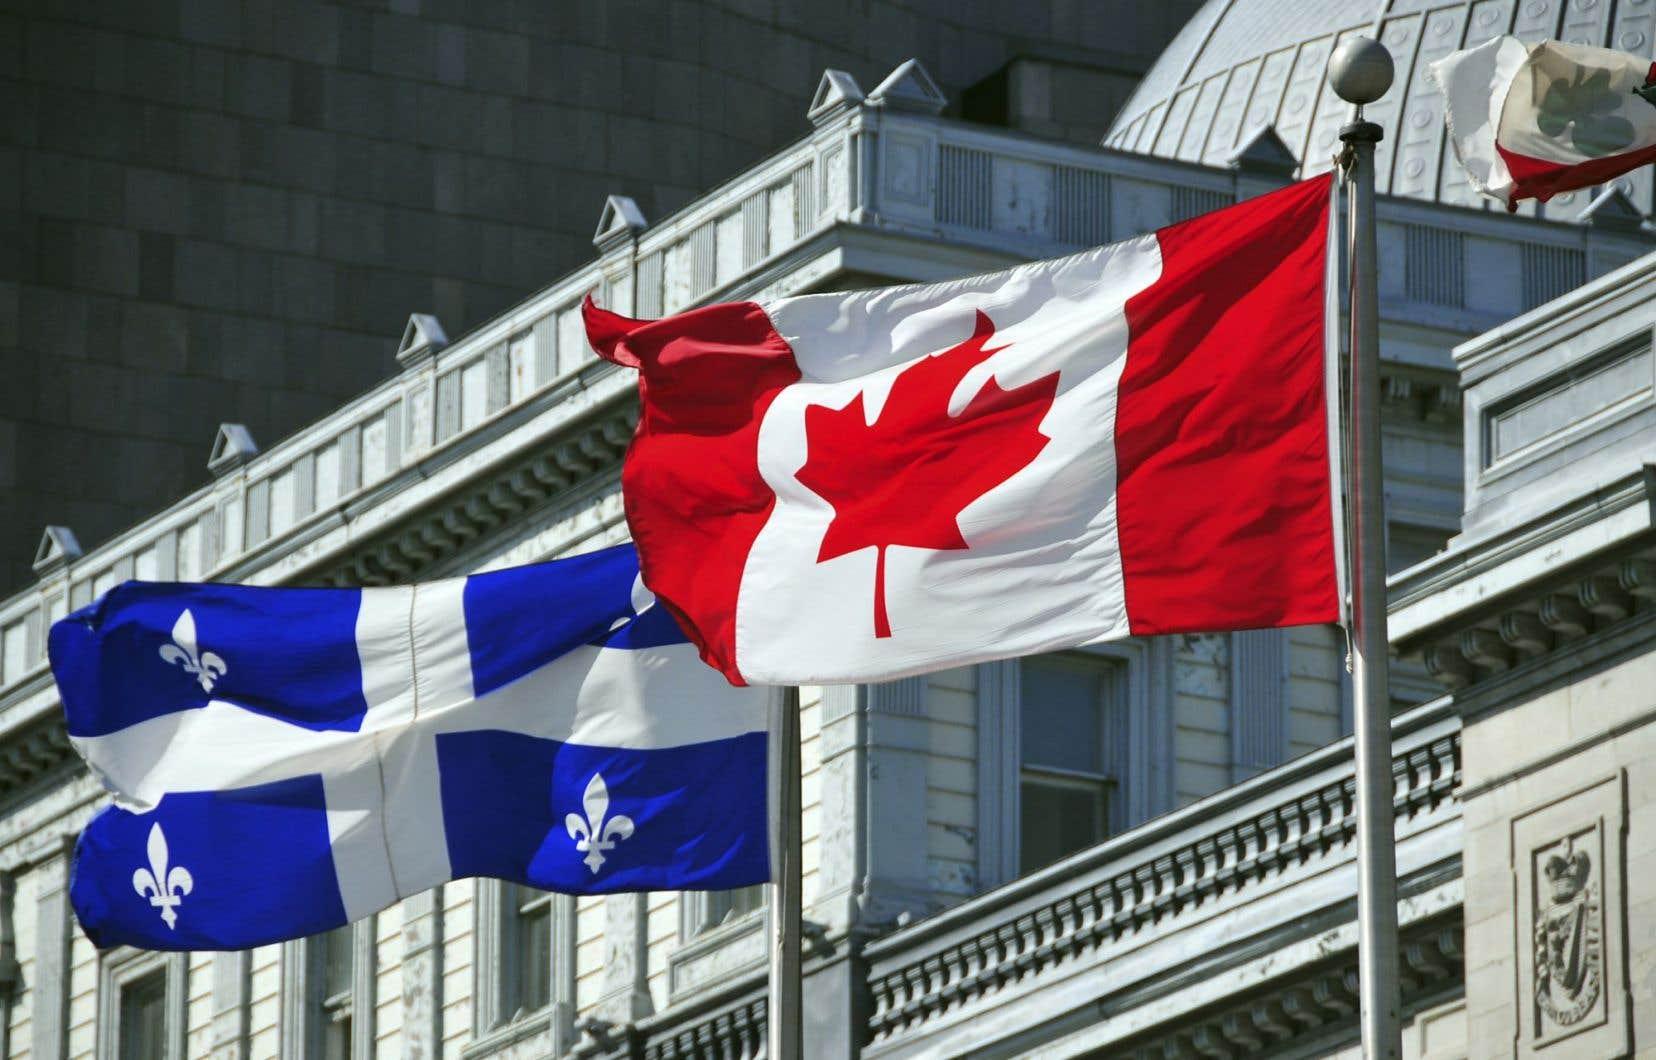 Le projet d'indépendance du Québec représente essentiellement la volonté que les Québécois gèrent eux-mêmes ce qui relève actuellement de la juridiction fédérale.<br />